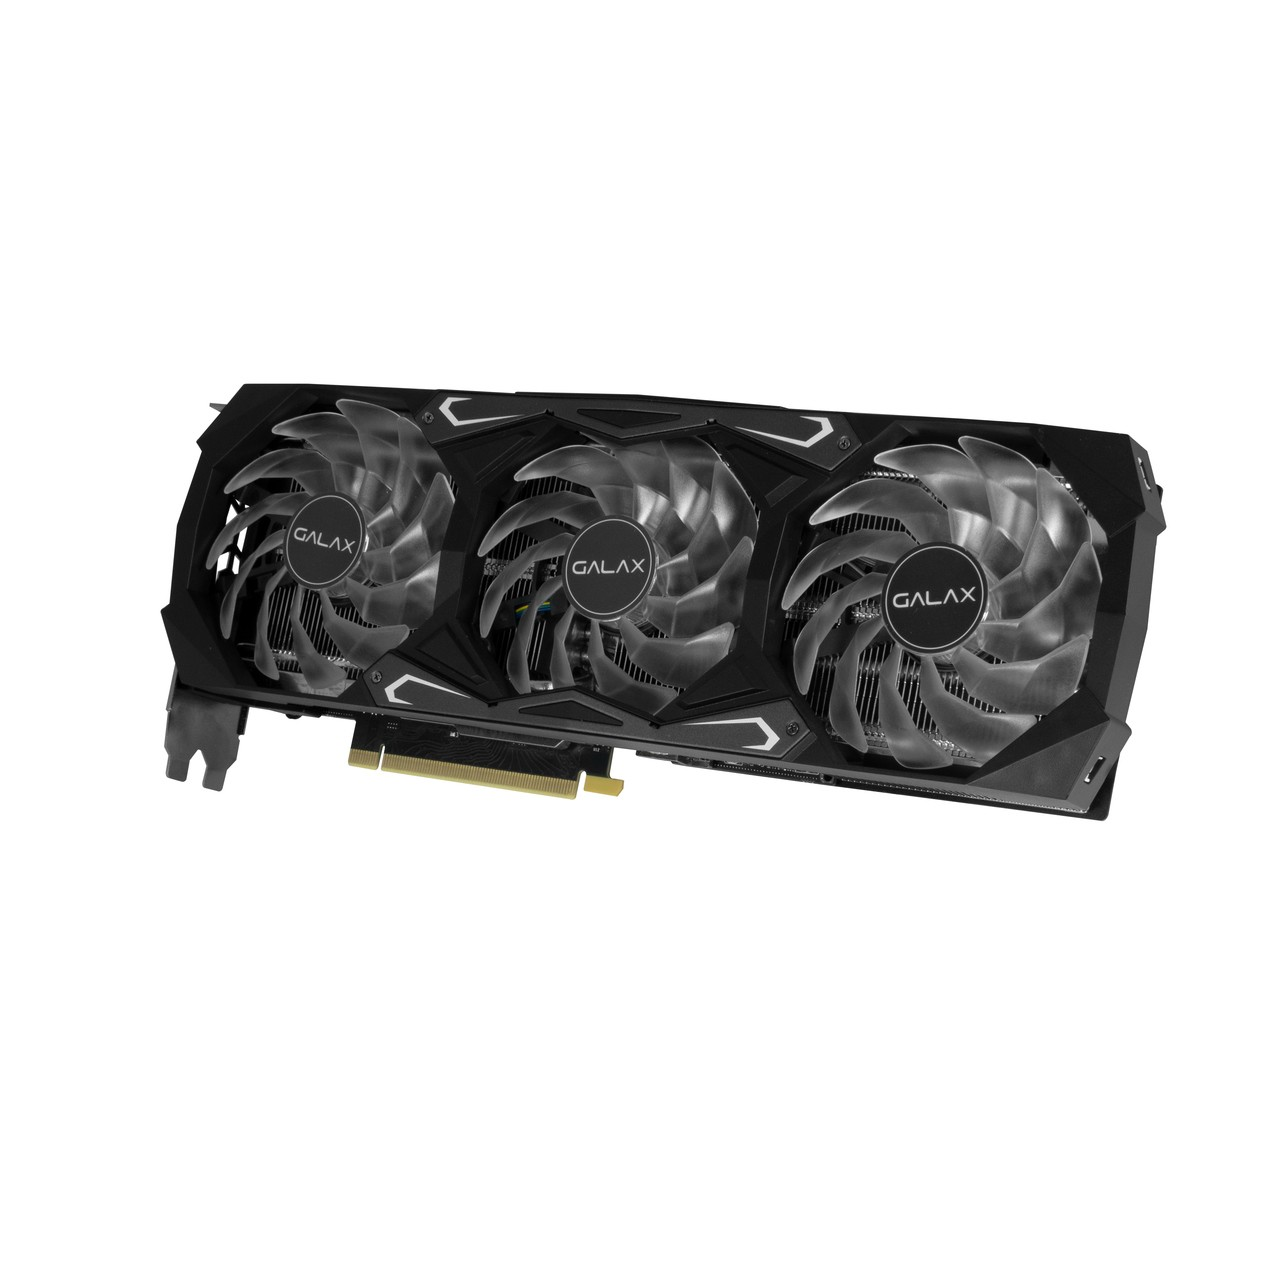 Placa de Video Galax GeForce RTX 3070 SG (1-Click OC) 8GB GDDR6X 256 bit 37NSL6MD1GNA